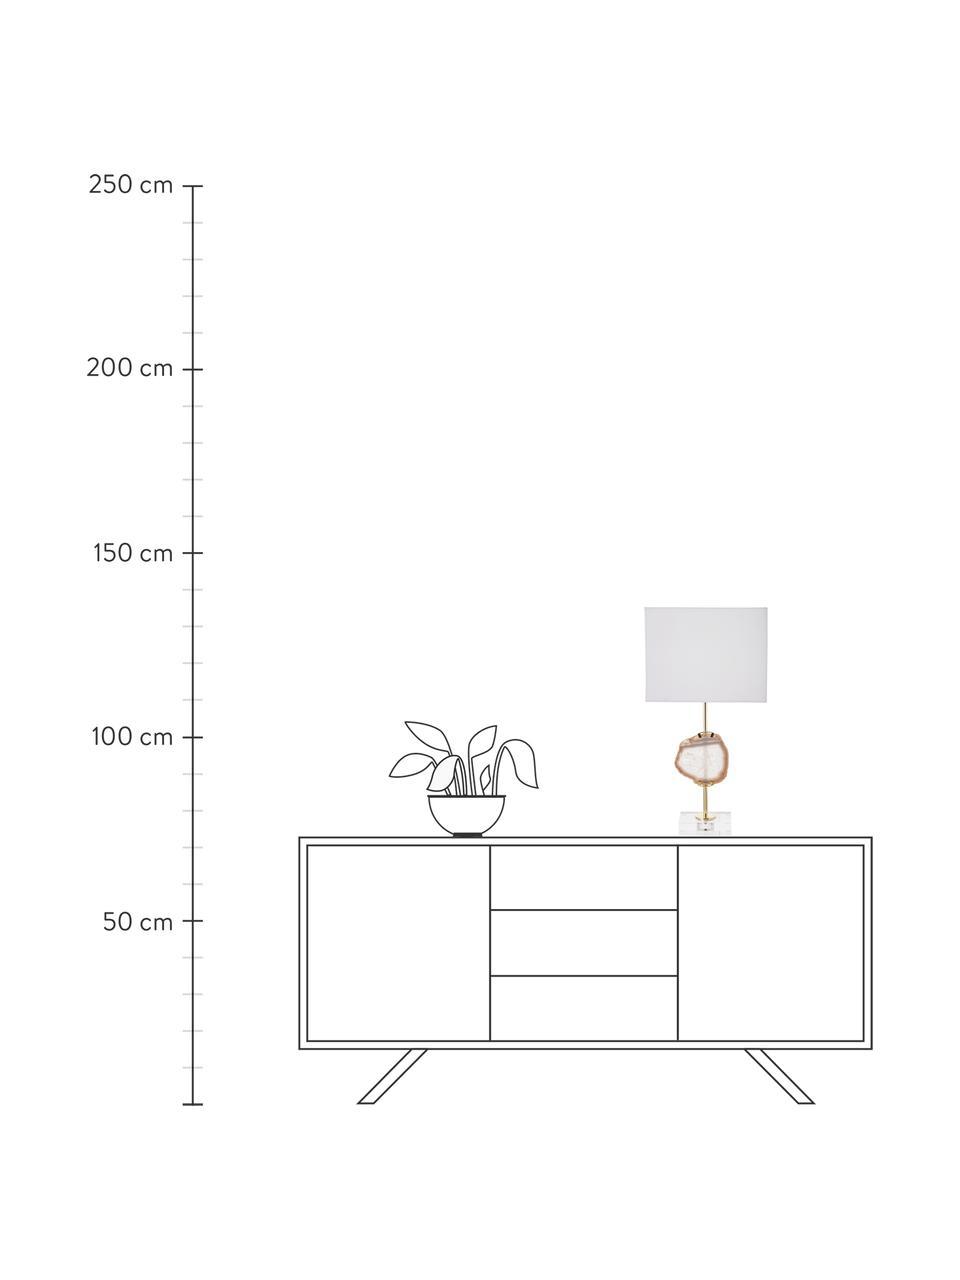 Lampa stołowa z dekoracją z agatu Treasure, Transparentny, odcienie złotego, beżowy agat Klosz: biały, S 33 x W 62 cm